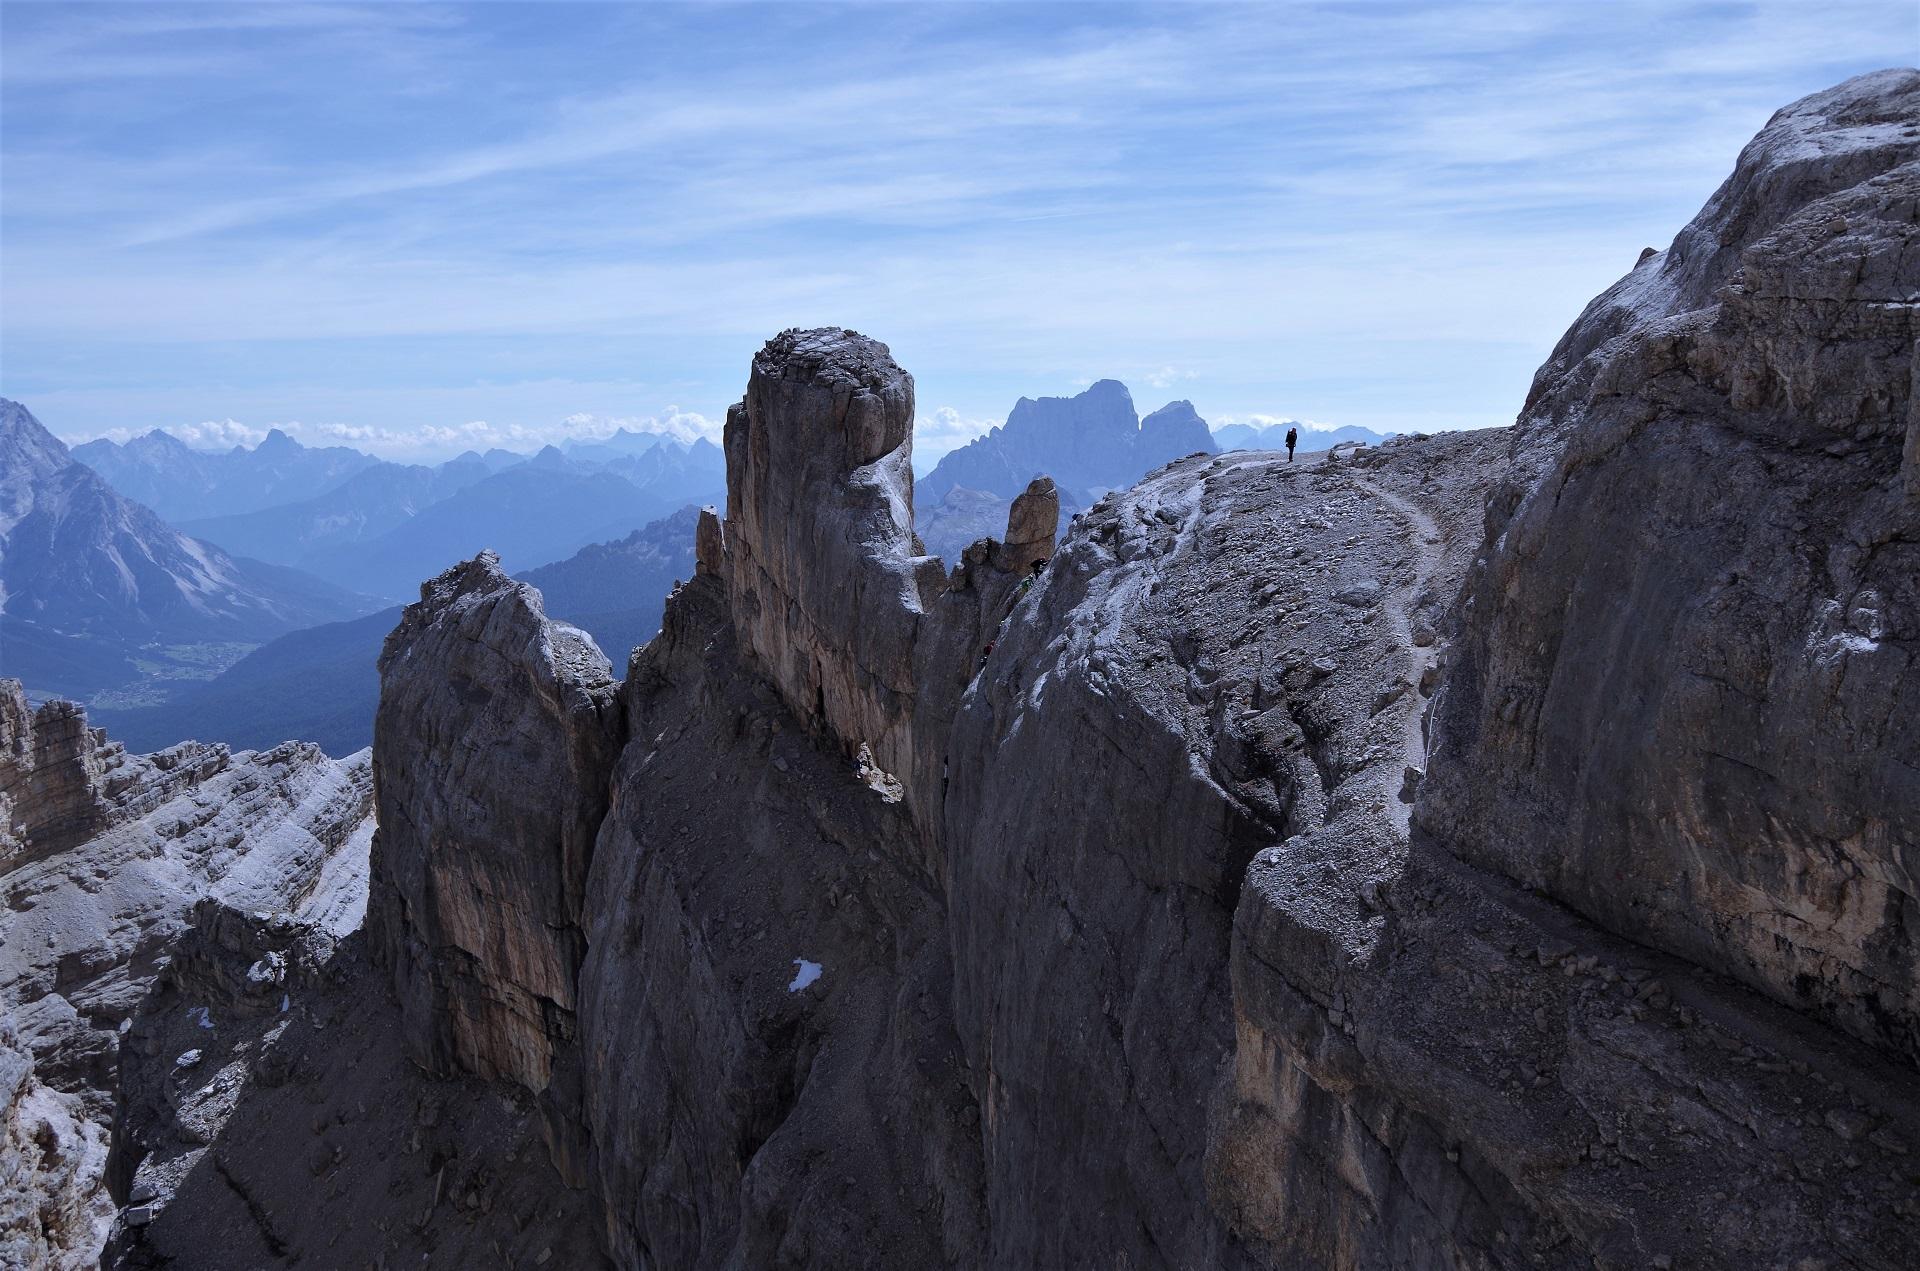 Widok na nieubezpieczoną cześć ferraty Gianni Aglio - widać ścieżki oraz ludzi na drabince